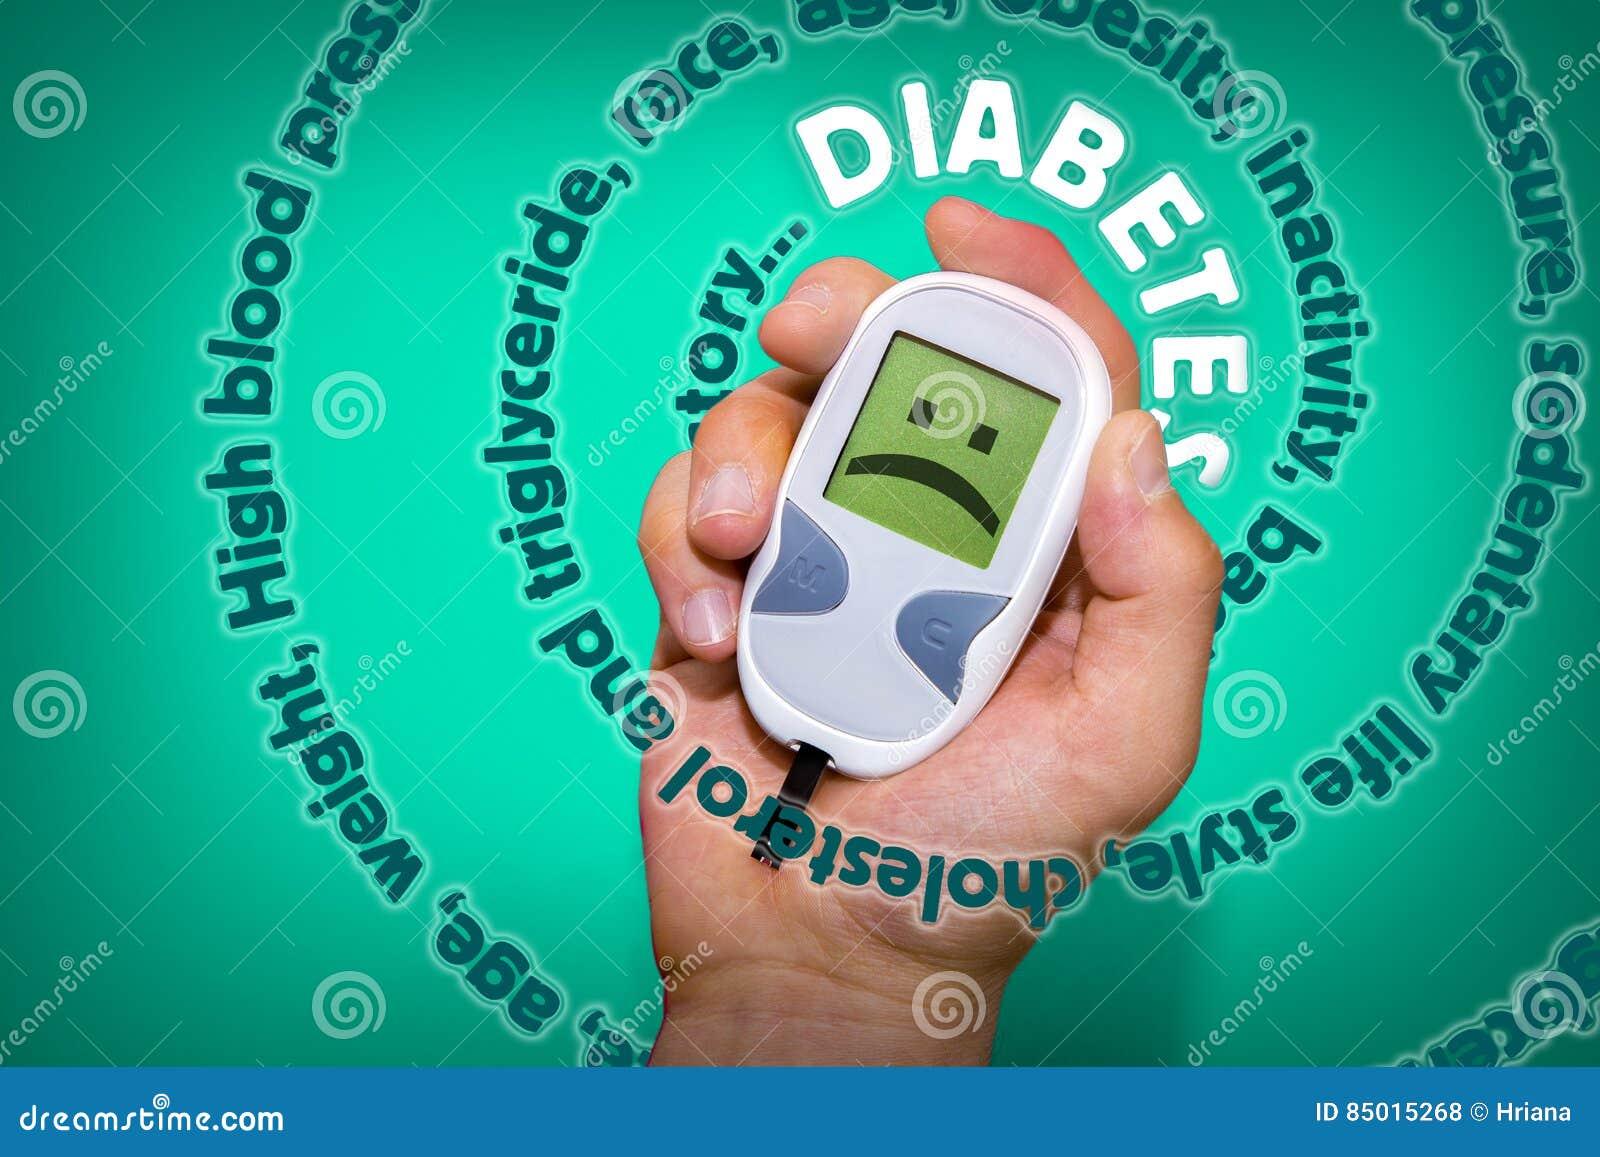 síntomas de diabetes pérdida de peso